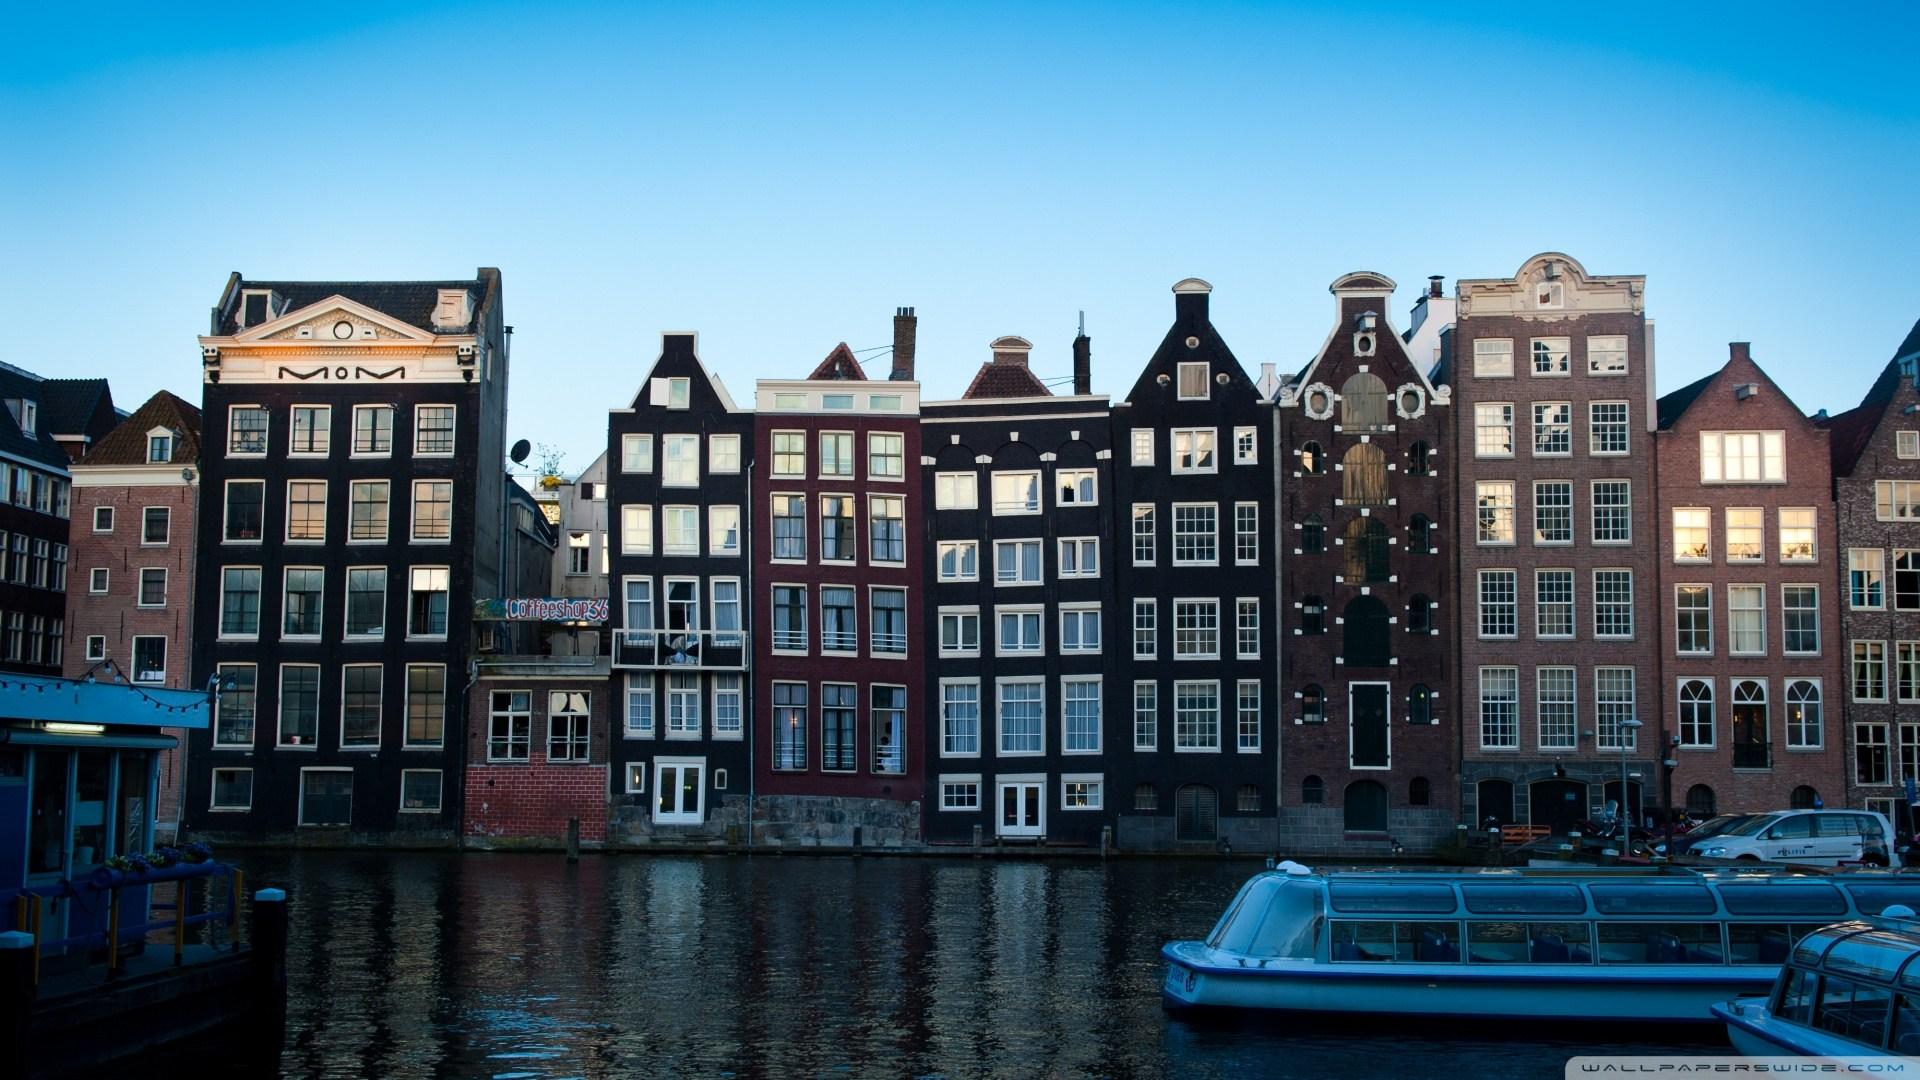 web design company in amsterdam